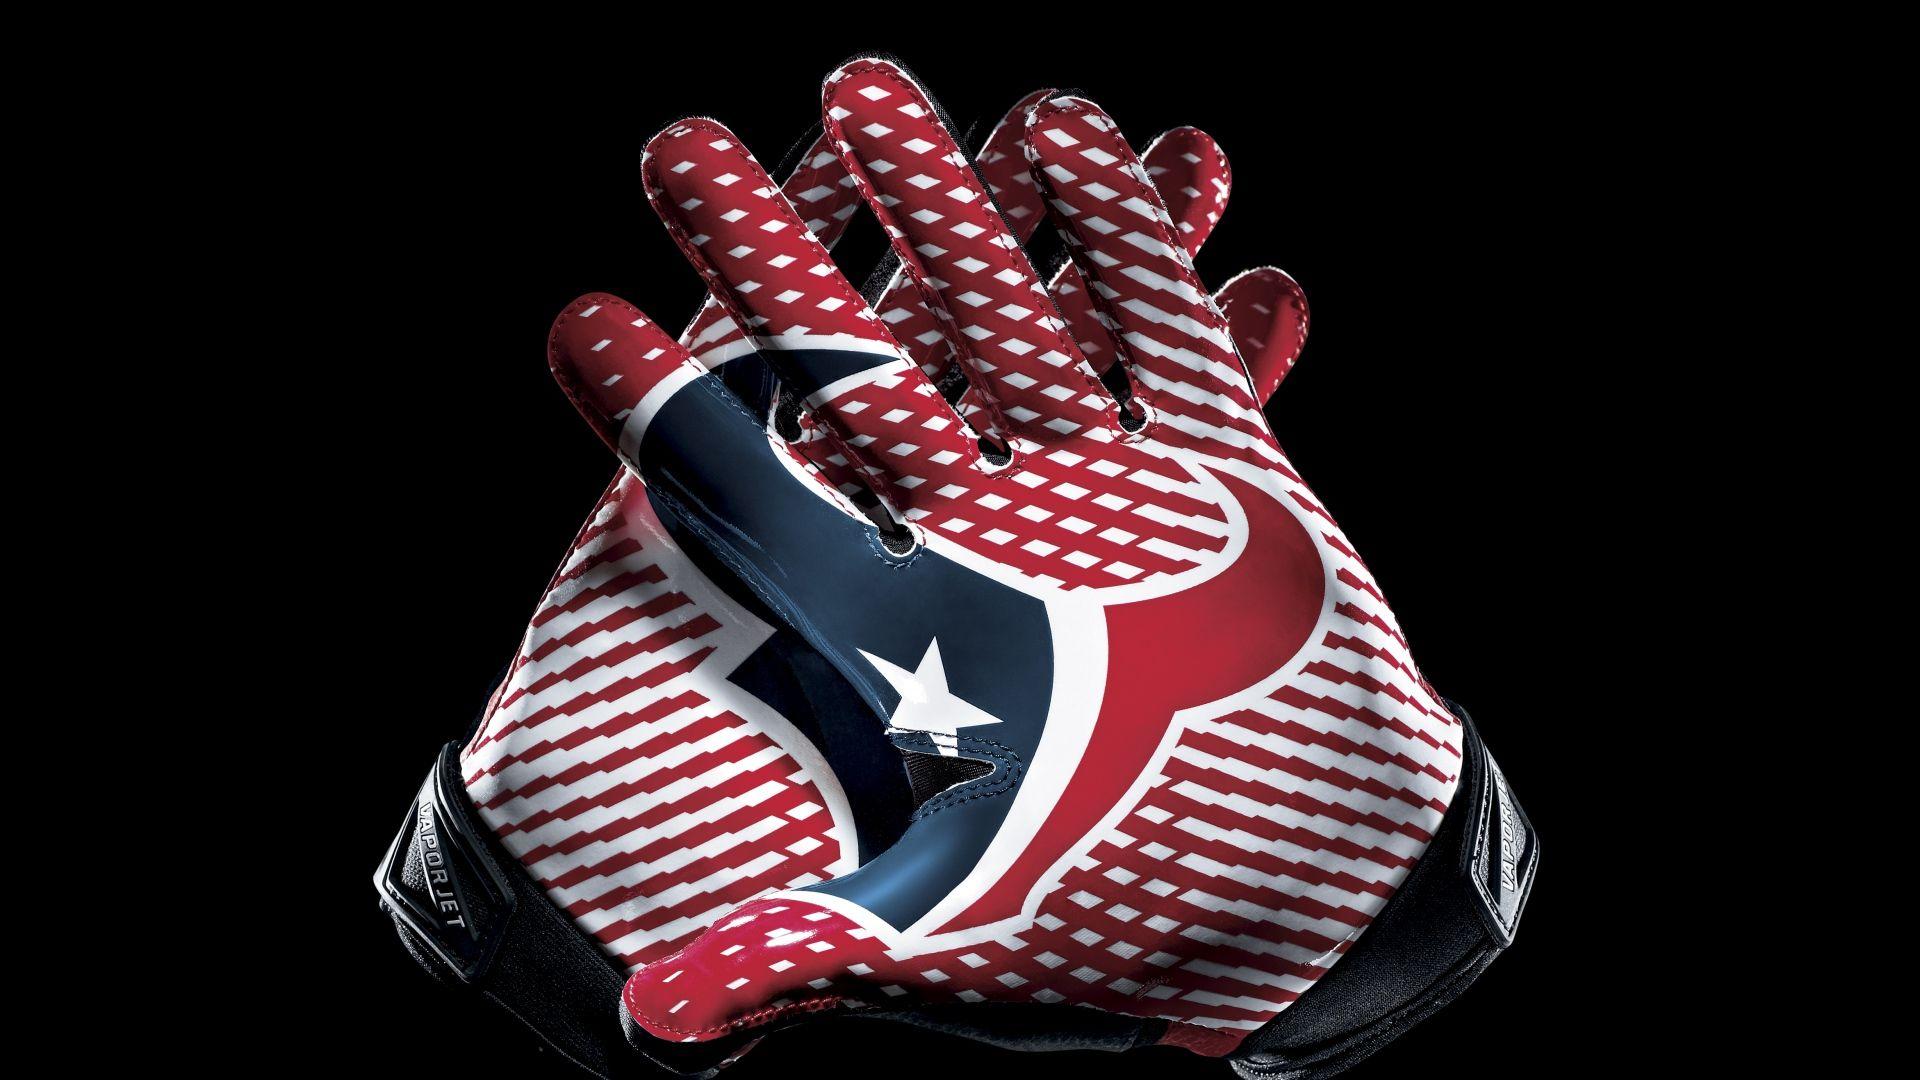 Houston Texans free image